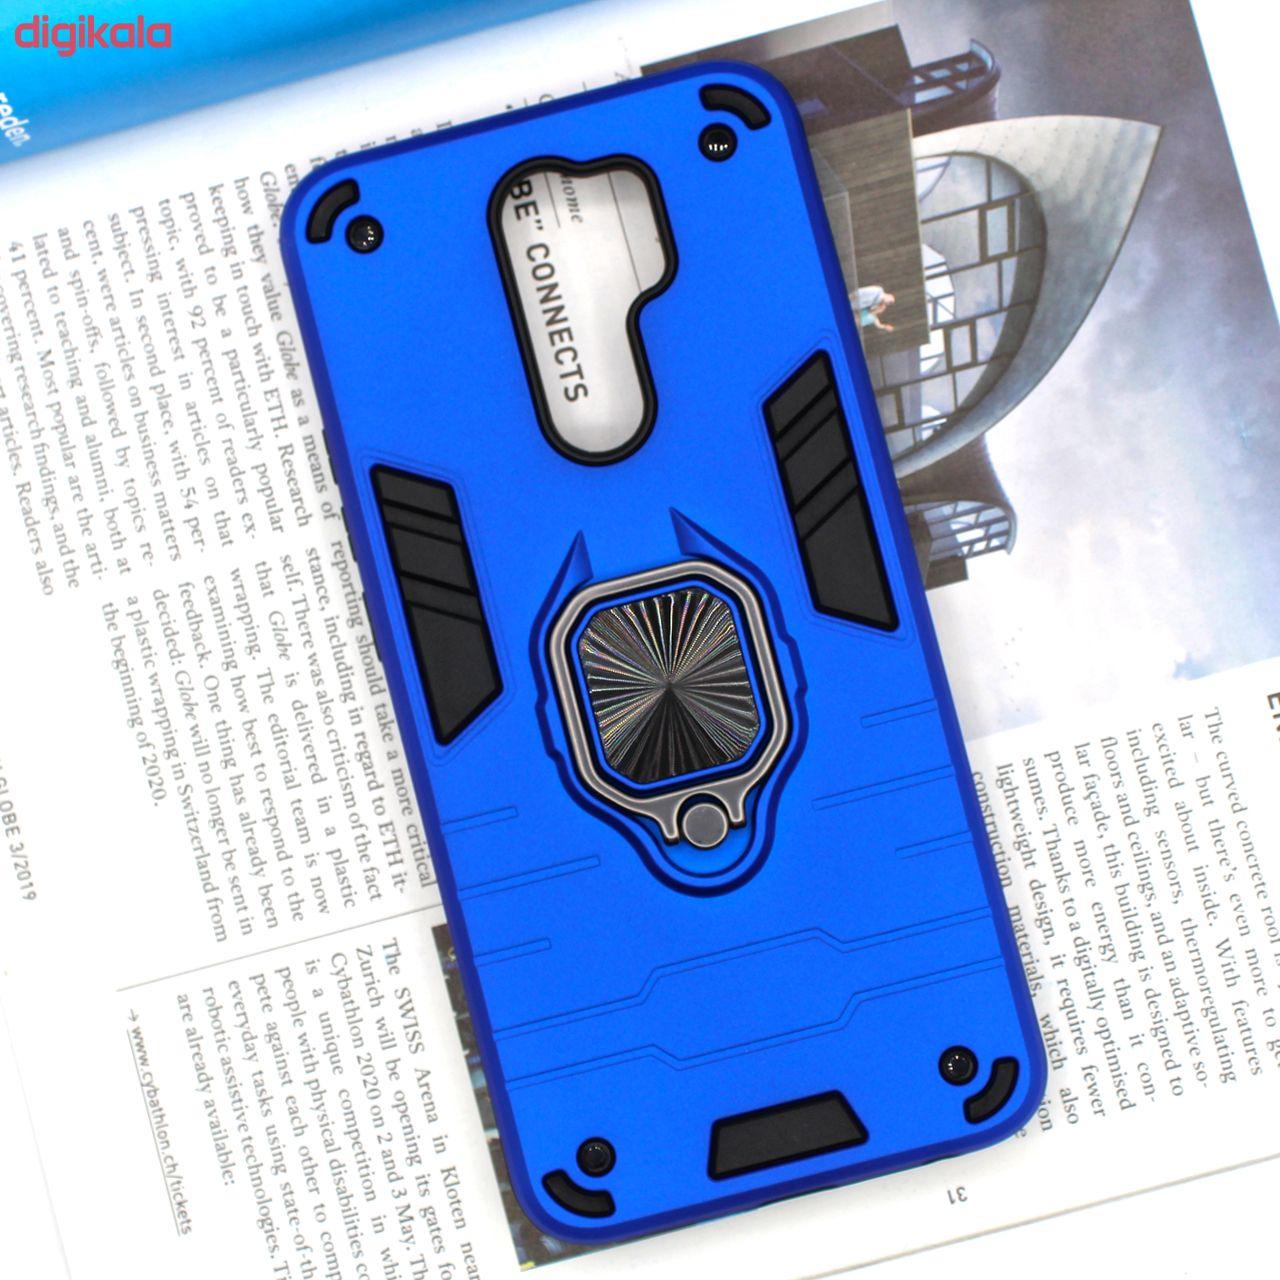 کاور کینگ پاور مدل ASH22 مناسب برای گوشی موبایل شیائومی Redmi 9 / Redmi 9 Prime main 1 12